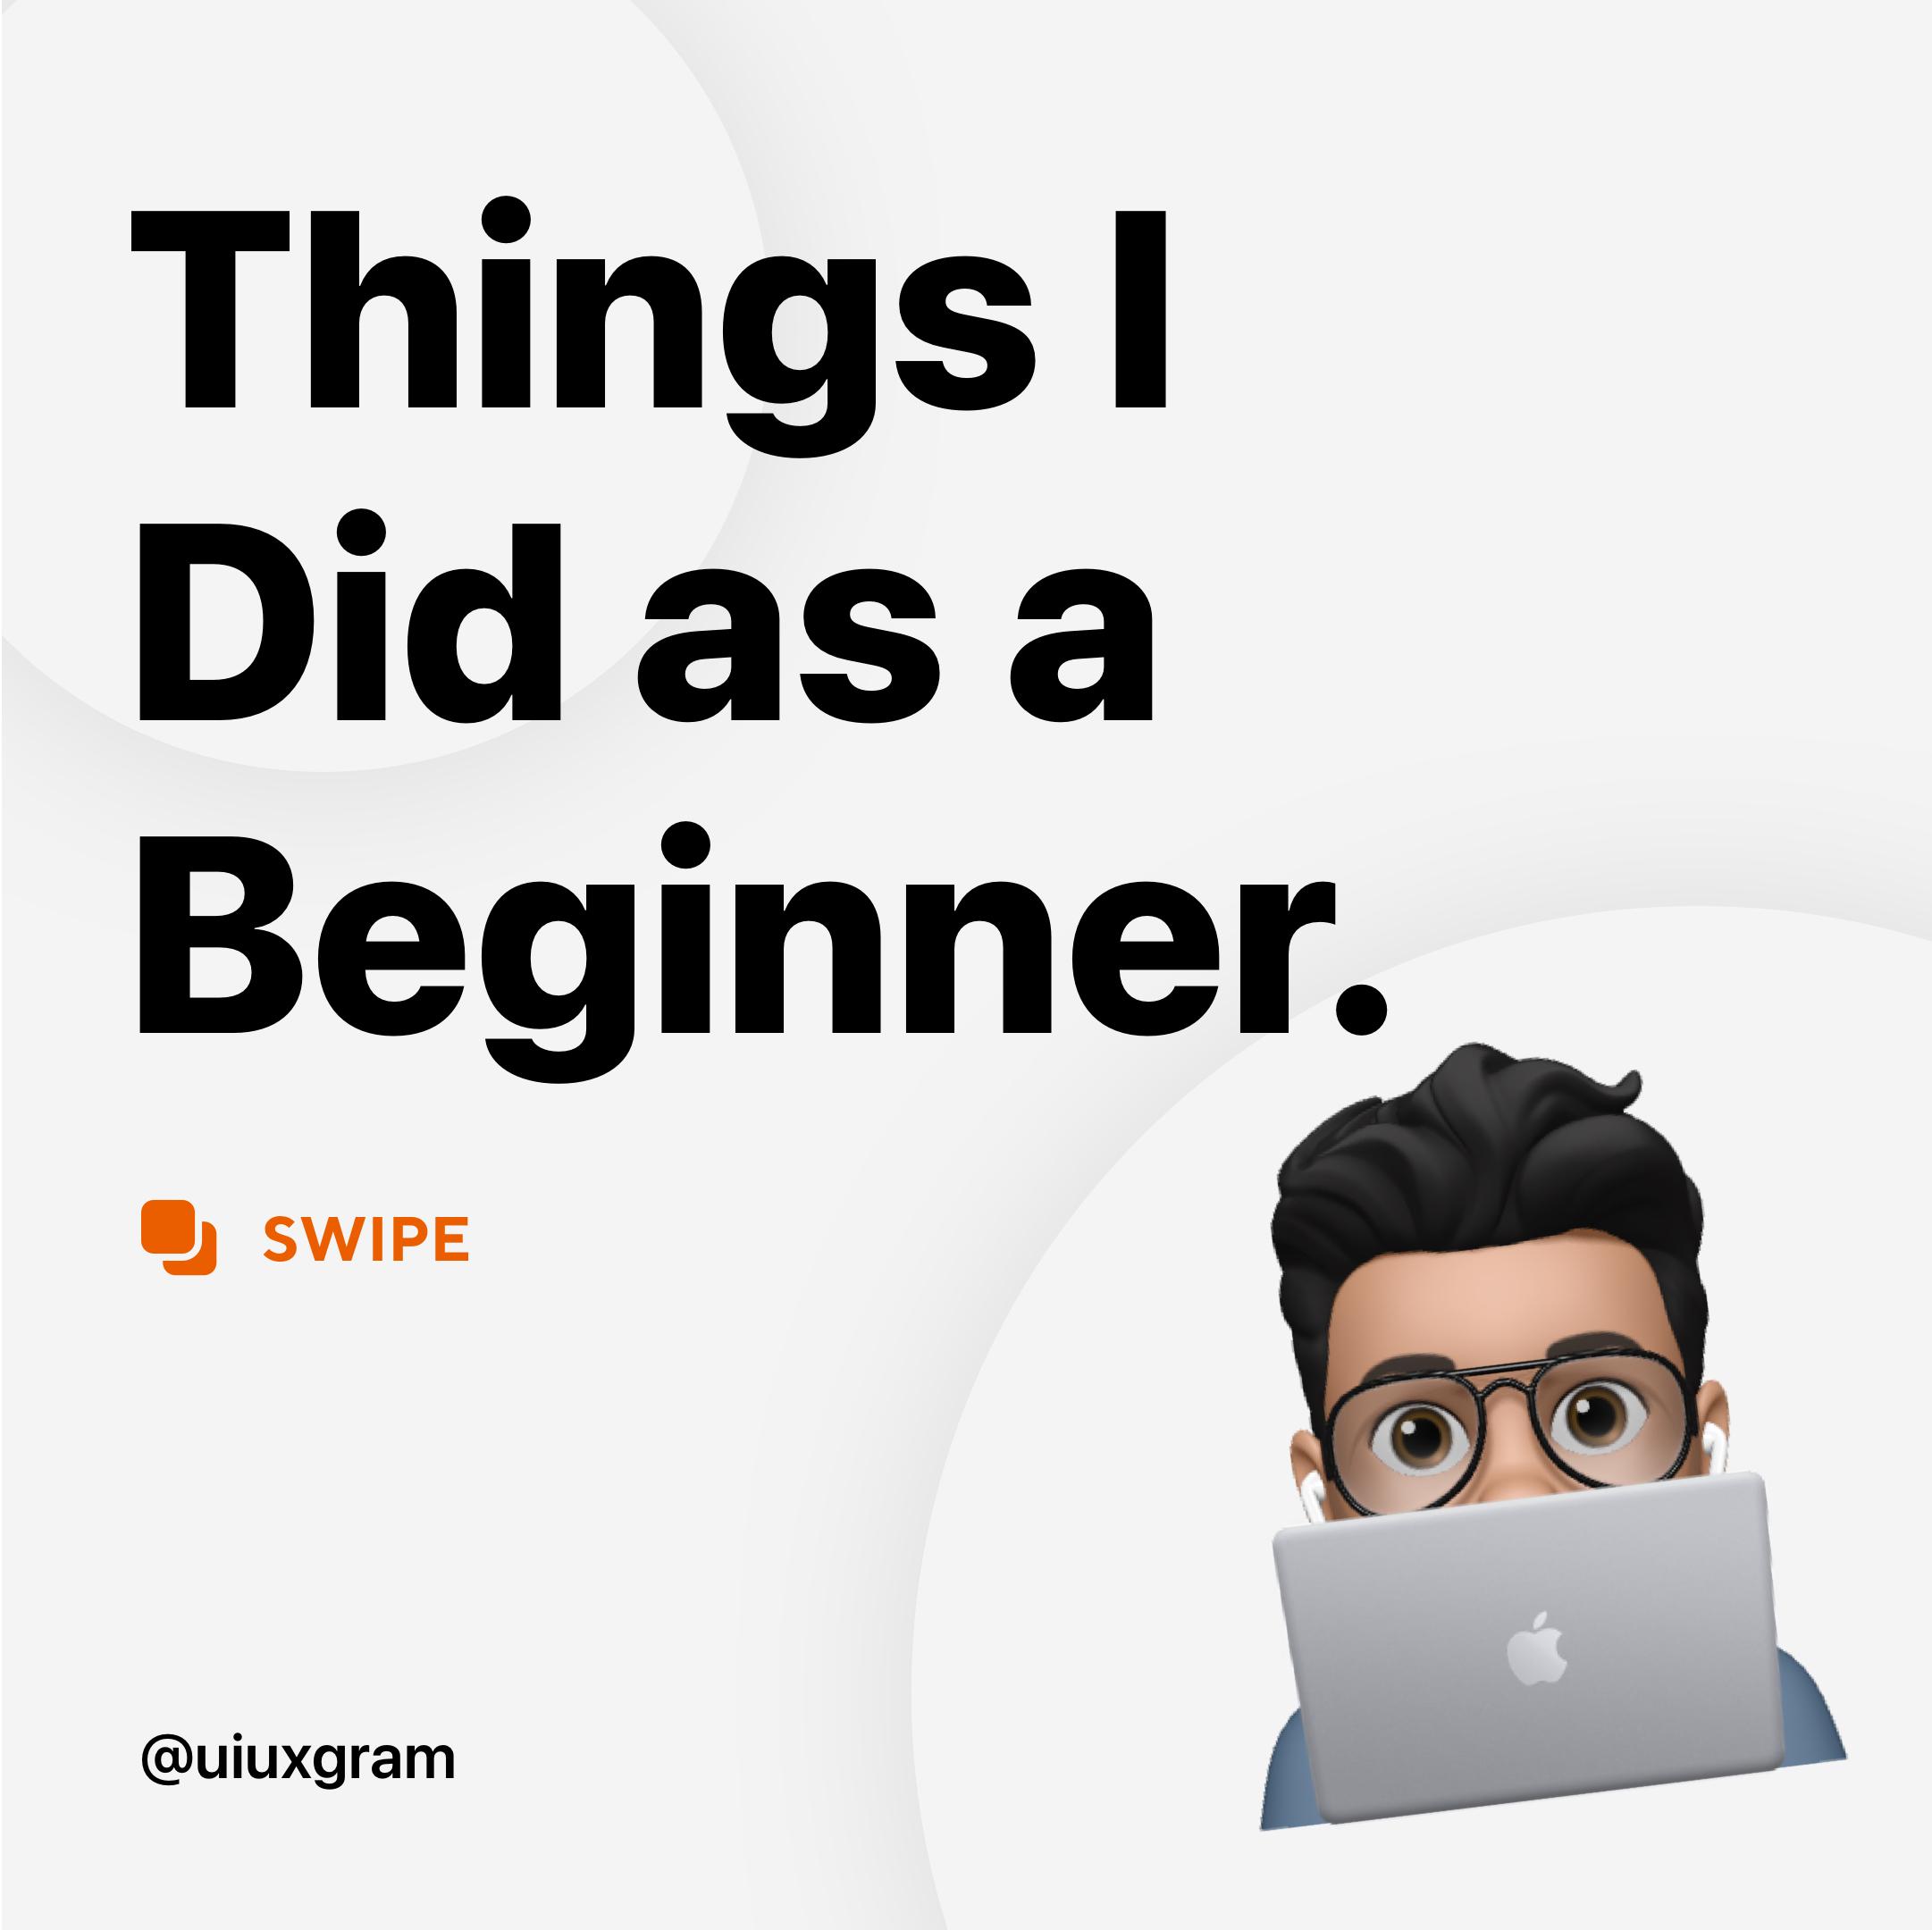 Things I did as a beginner UI designer